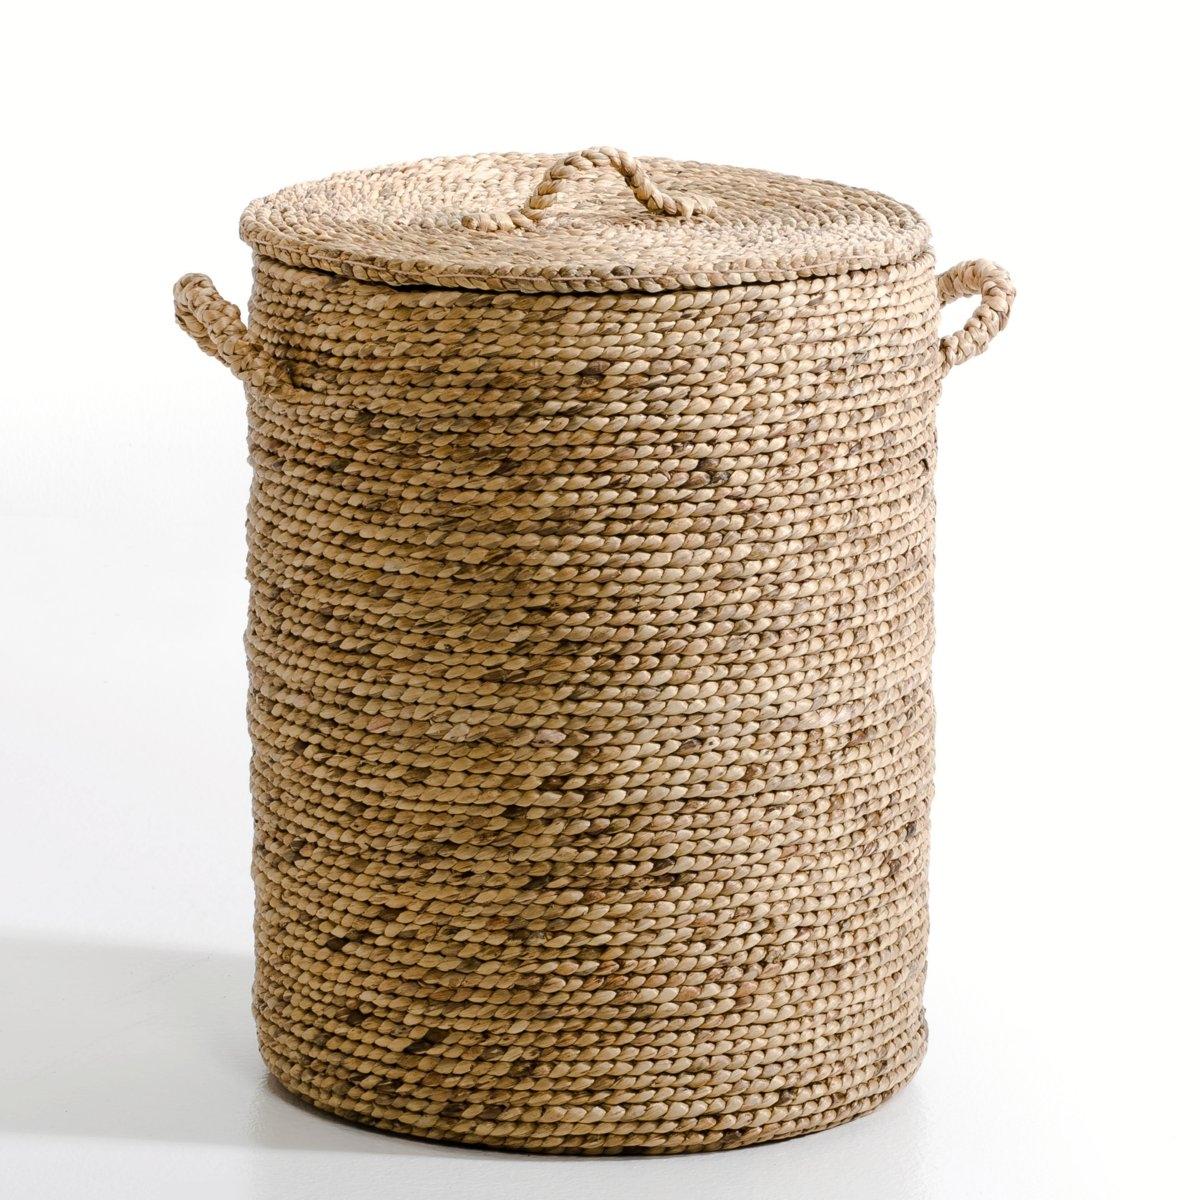 Корзина круглая из плетеных волокон эйхорнии. В60 см, LianeКорзина Liane. Практичная и красивая корзина с крышкой займет достойное место в гостиной, чтобы хранить журналы, в спальне, чтобы хранить белье или игрушки, или в ванной комнате.Характеристики: :- Из плетеных волокон эйхорнии- Ручная работа.Размеры  :- ?45 x В60 см<br><br>Цвет: серо-бежевый